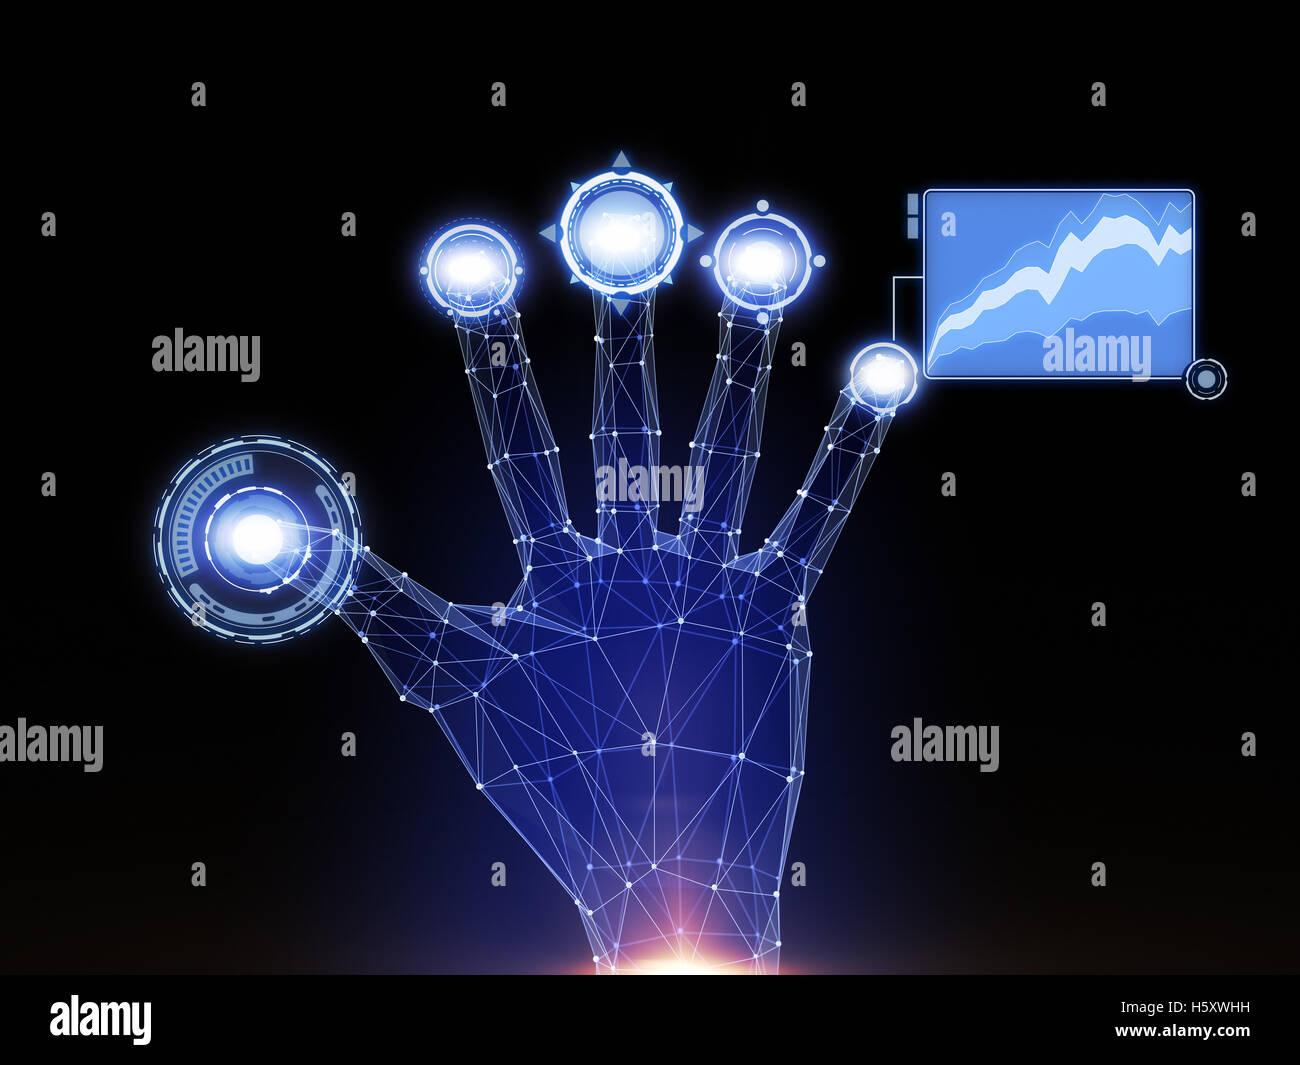 Toques de mano digital interfaz Ciencia-ficción. Imagen De Stock